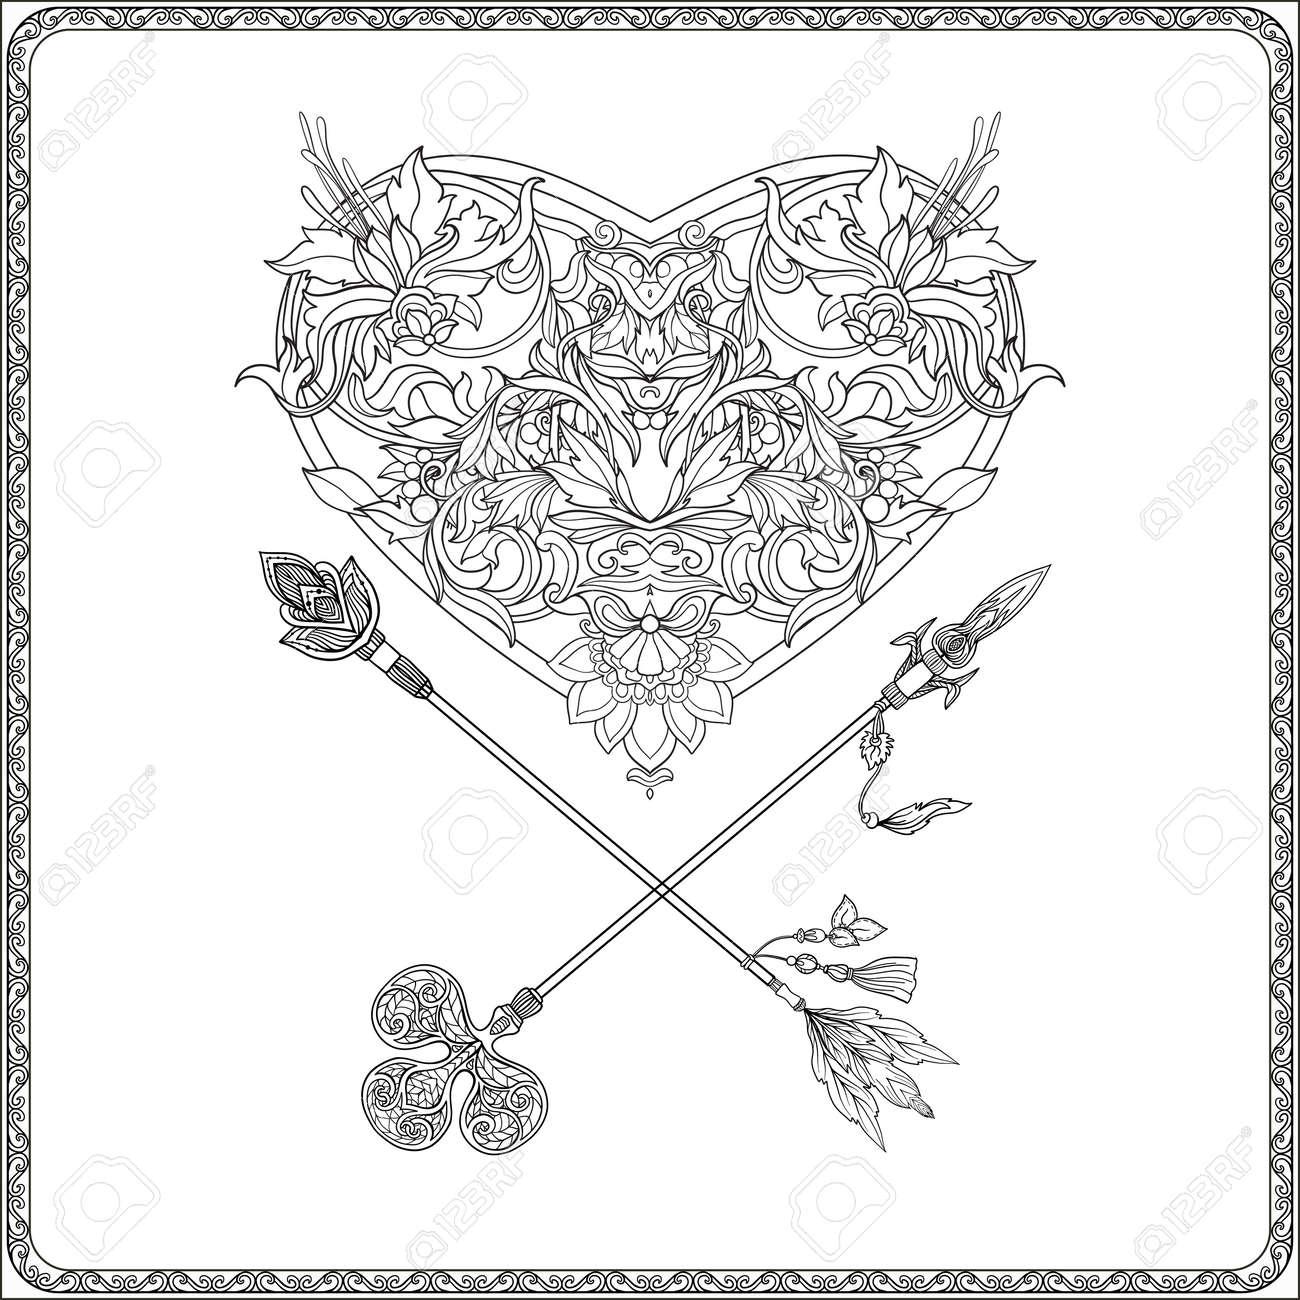 Kleurplaten Voor Volwassenen Verjaardag.Decoratieve Hart Van De Liefde Met Decoratieve Pijlen In Rococo